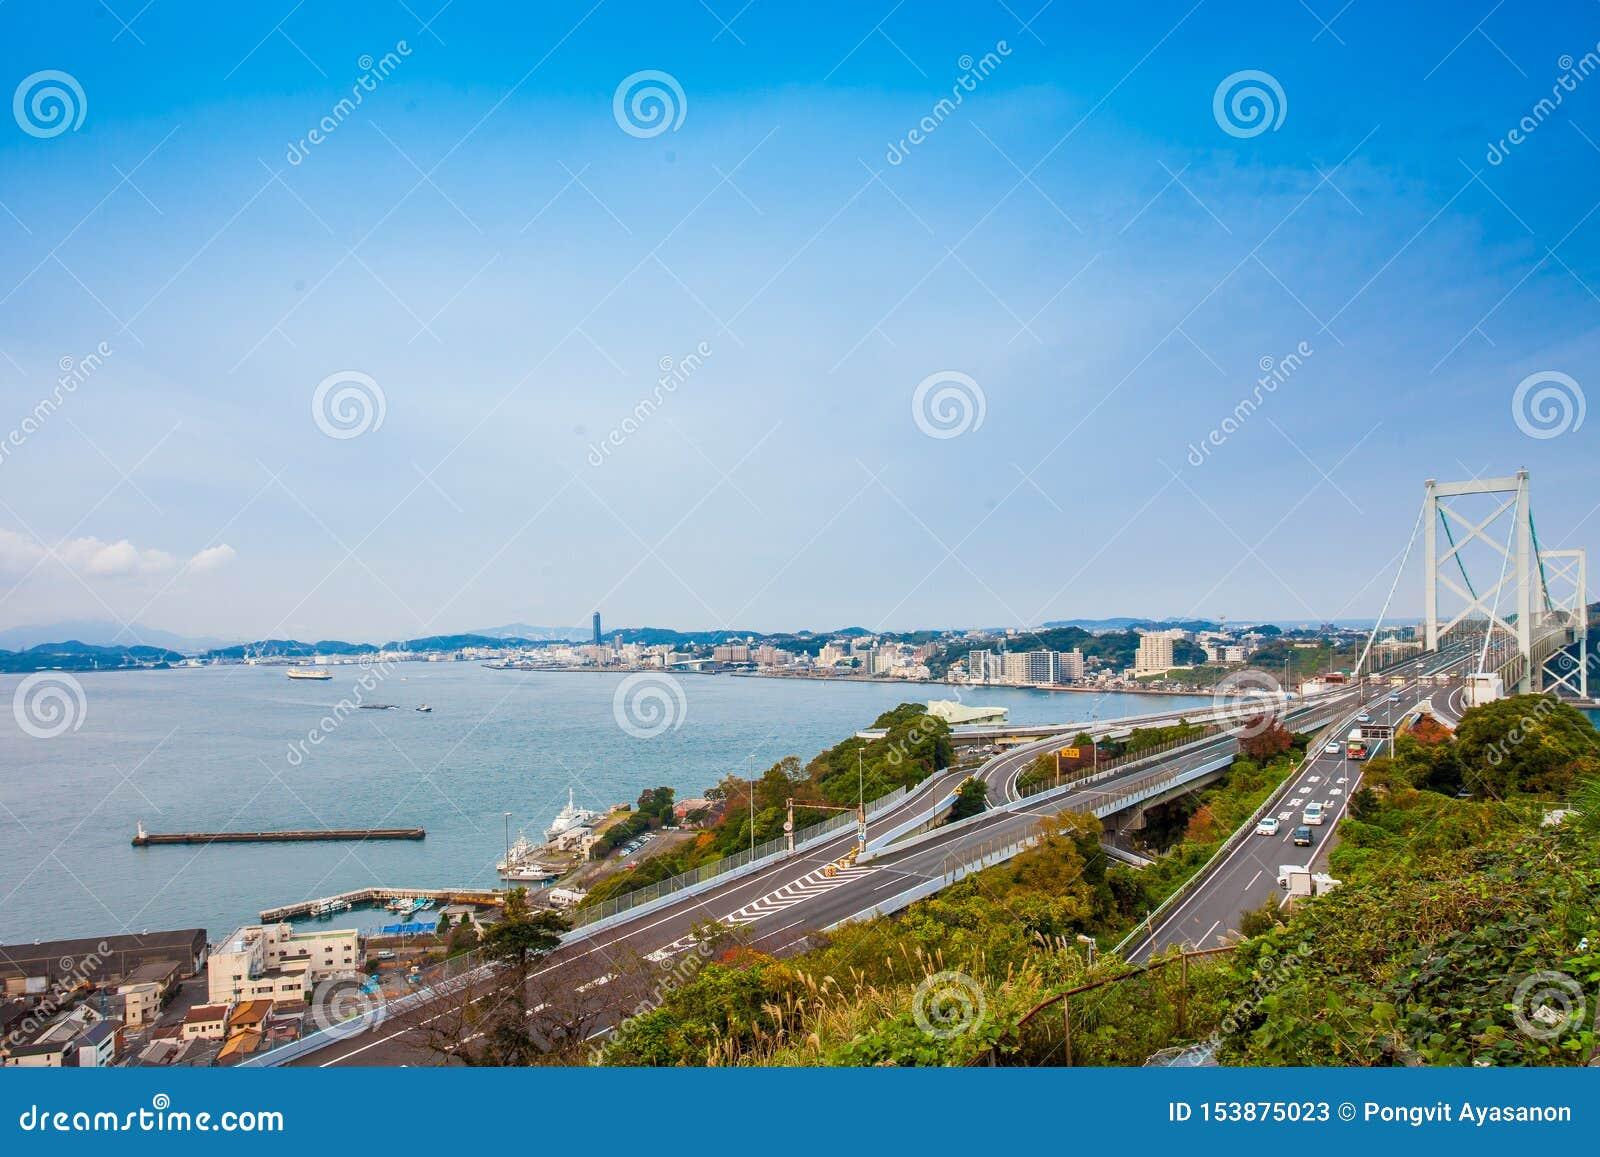 Détroit de Kanmon et pont de Kanmonkyo : Le pont de Kanmonkyo relie Honshu et Kyushu au Japon